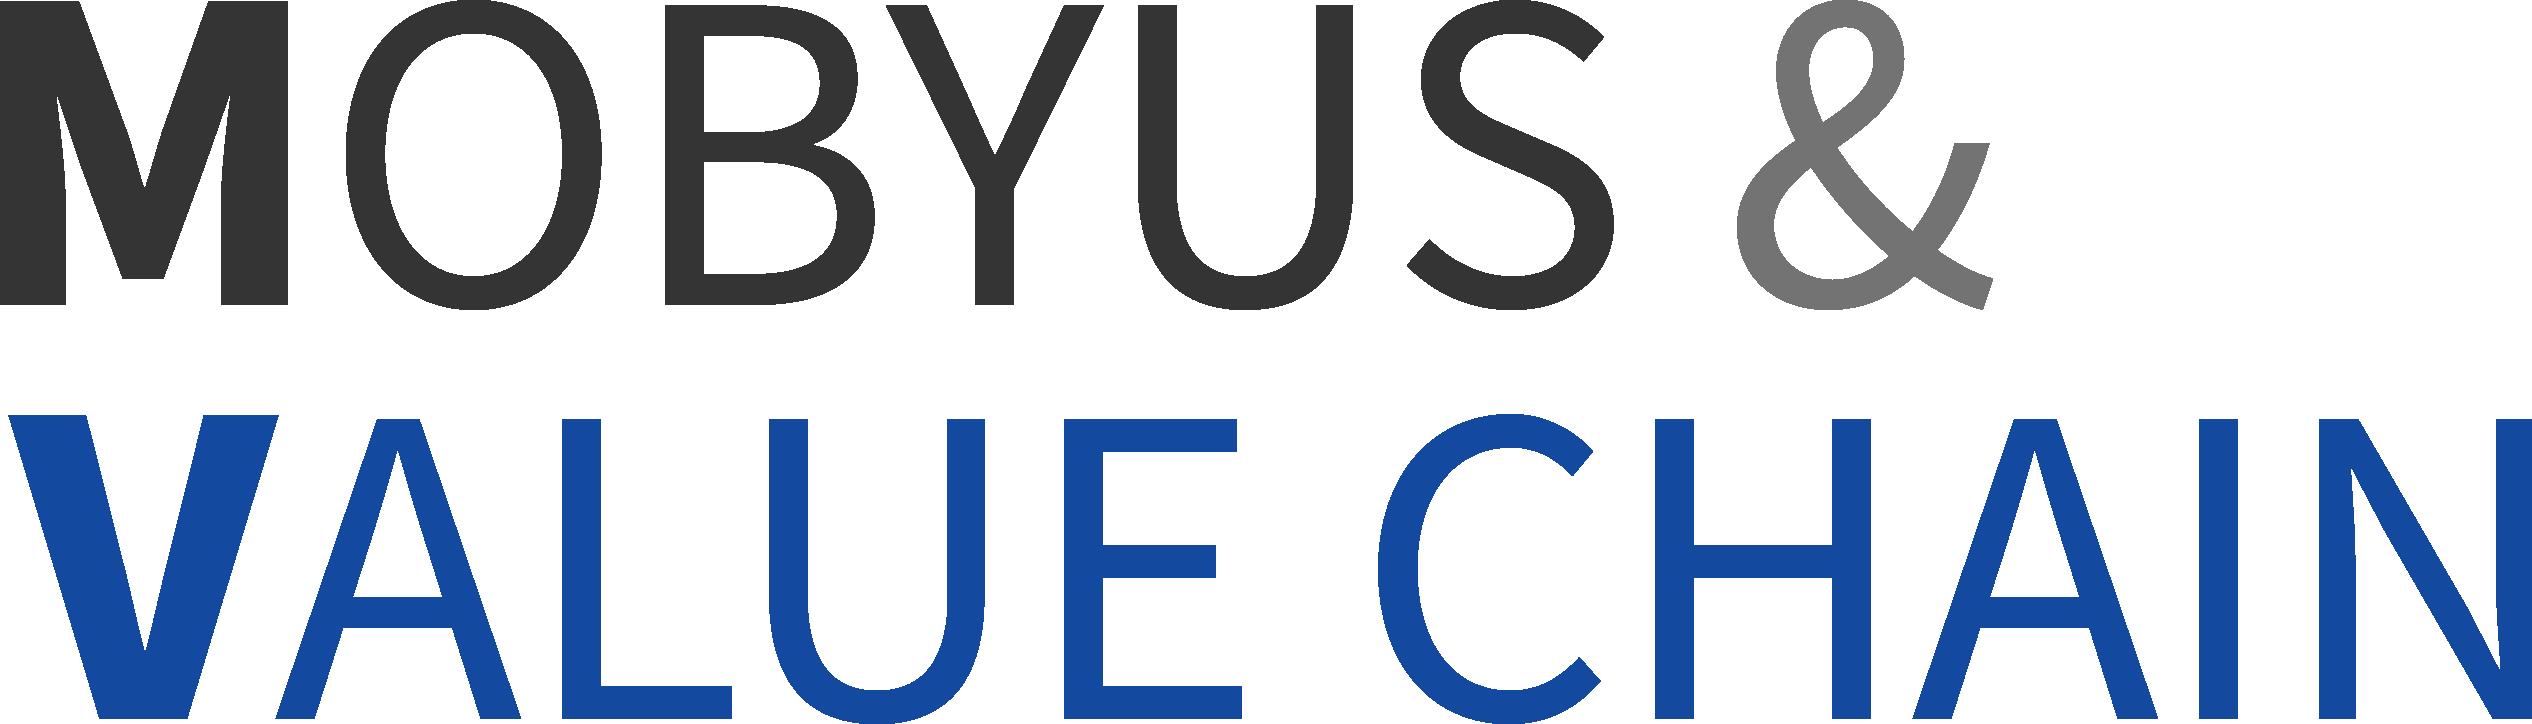 세종공업의 계열사 모비어스앤밸류체인(주)의 로고